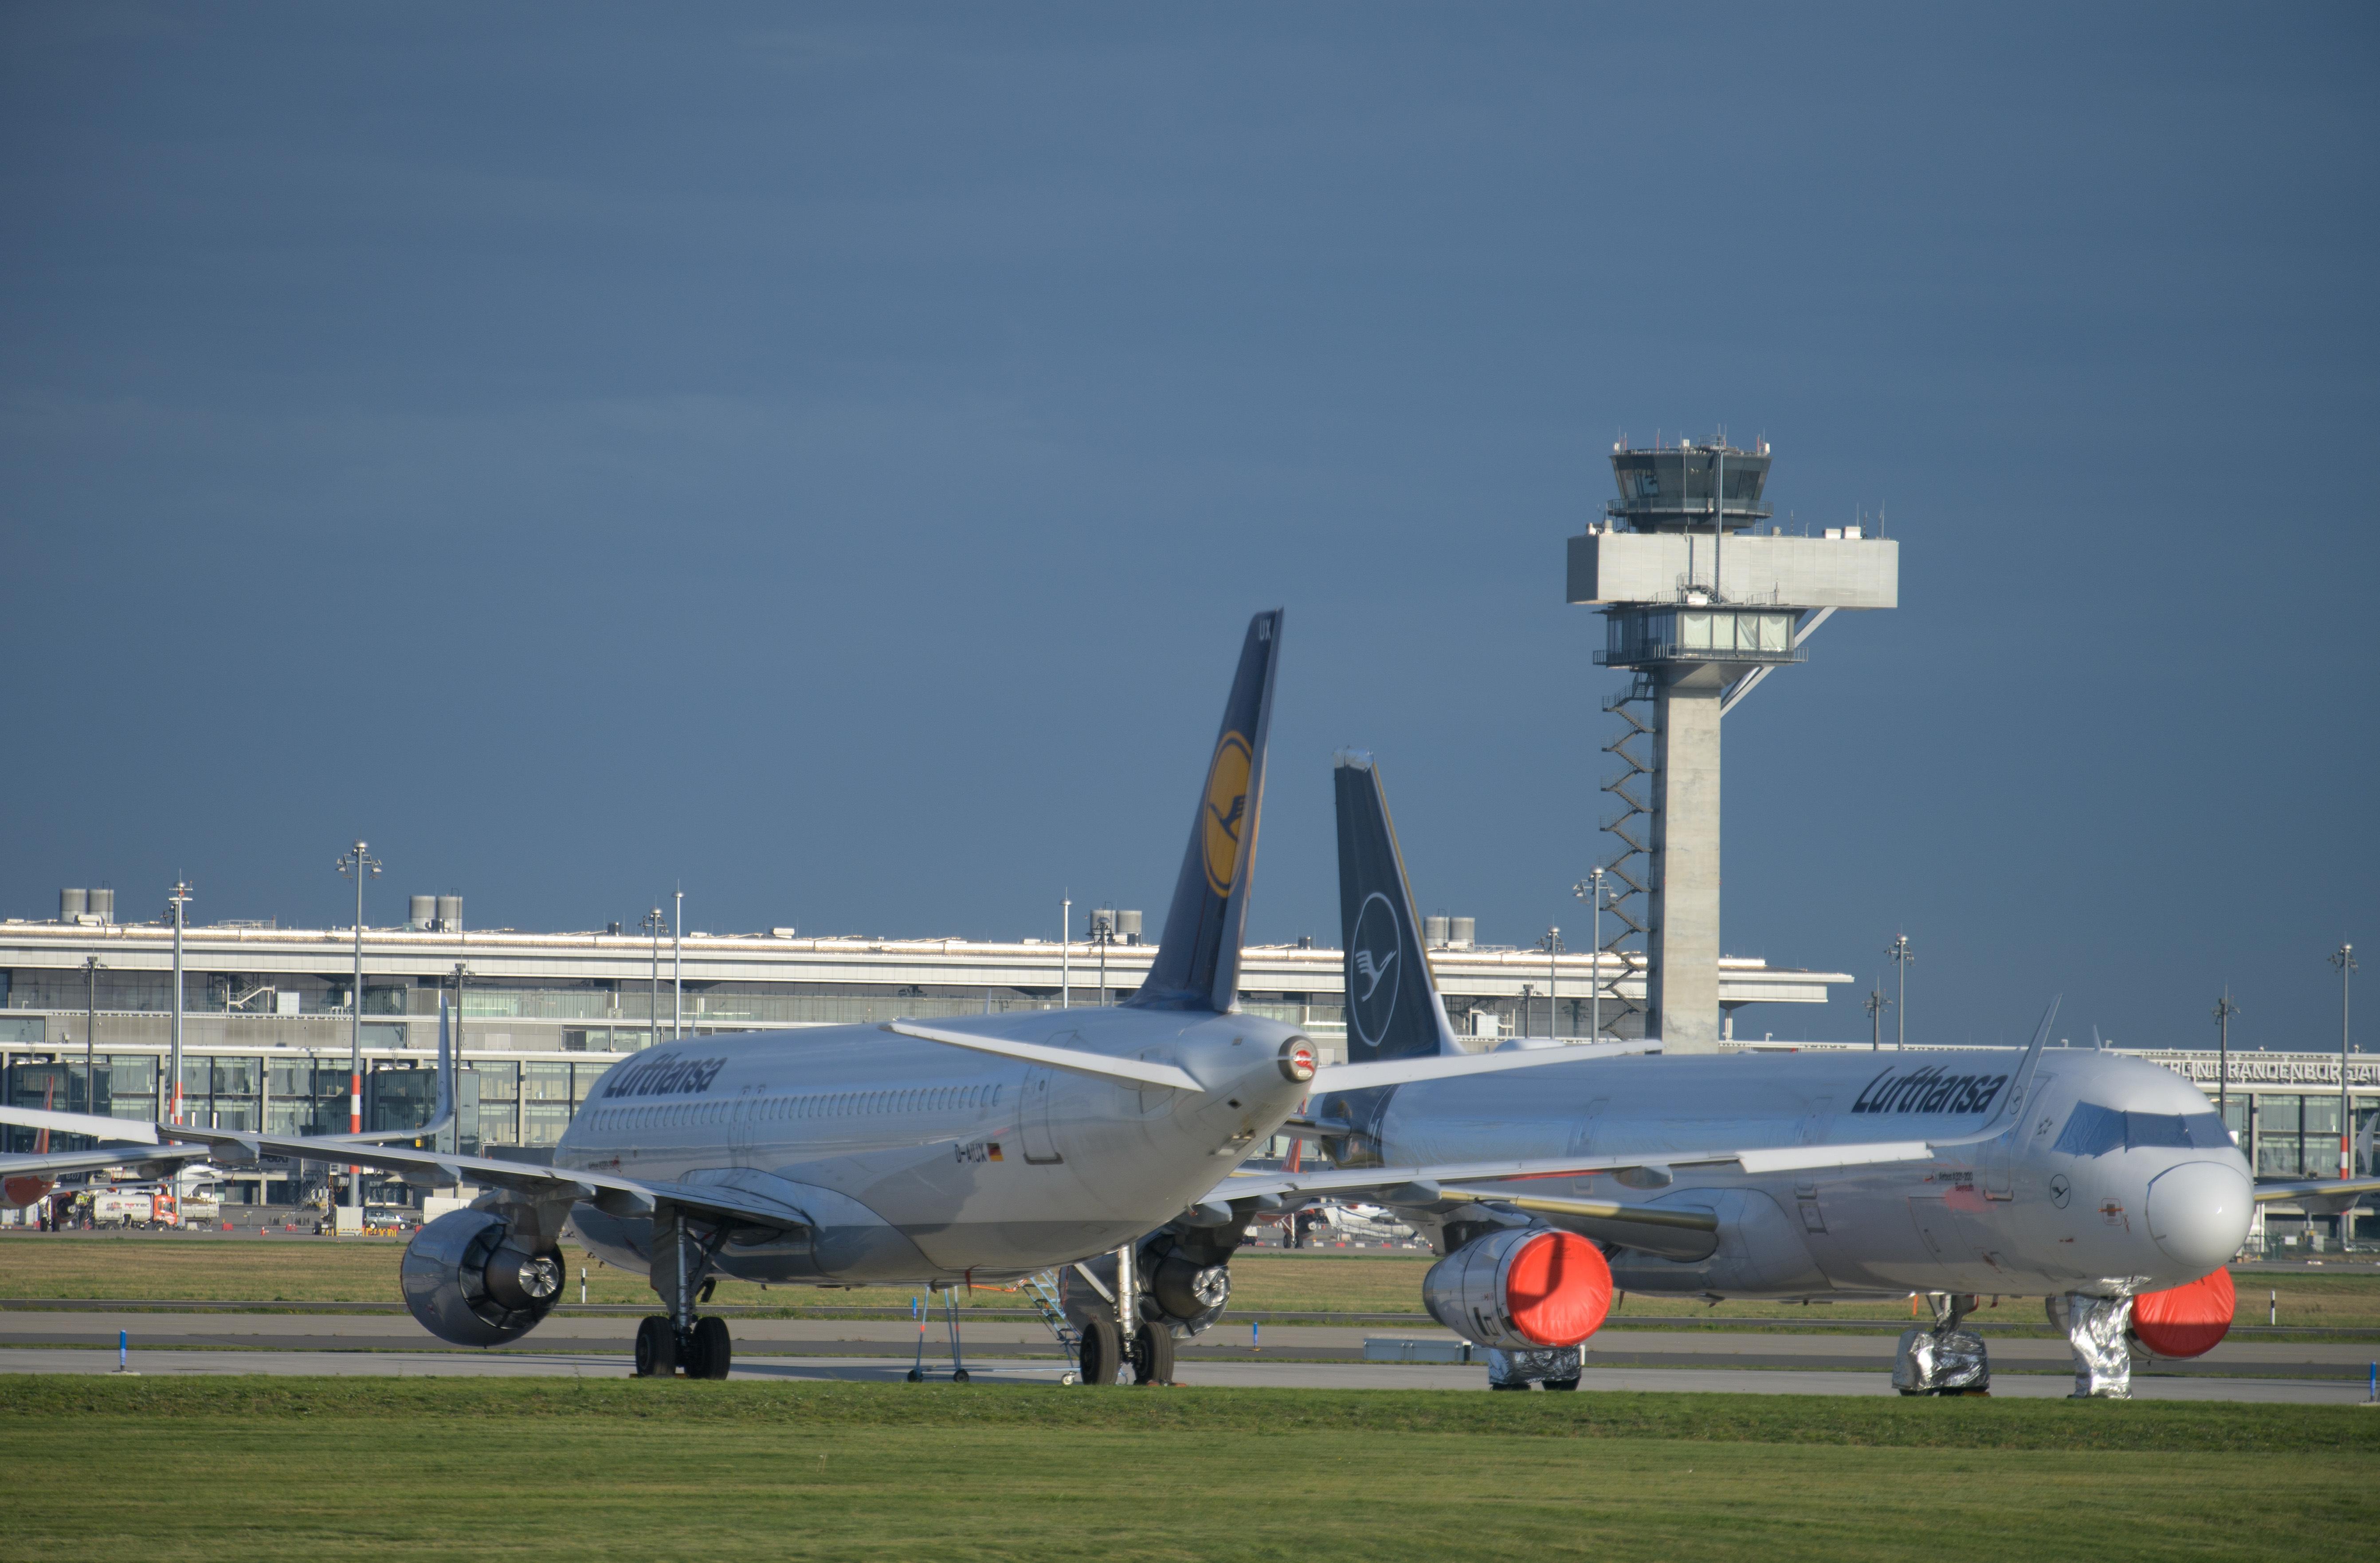 Keine Erholung für Lufthansa: Weitere 125 Flugzeuge müssen in